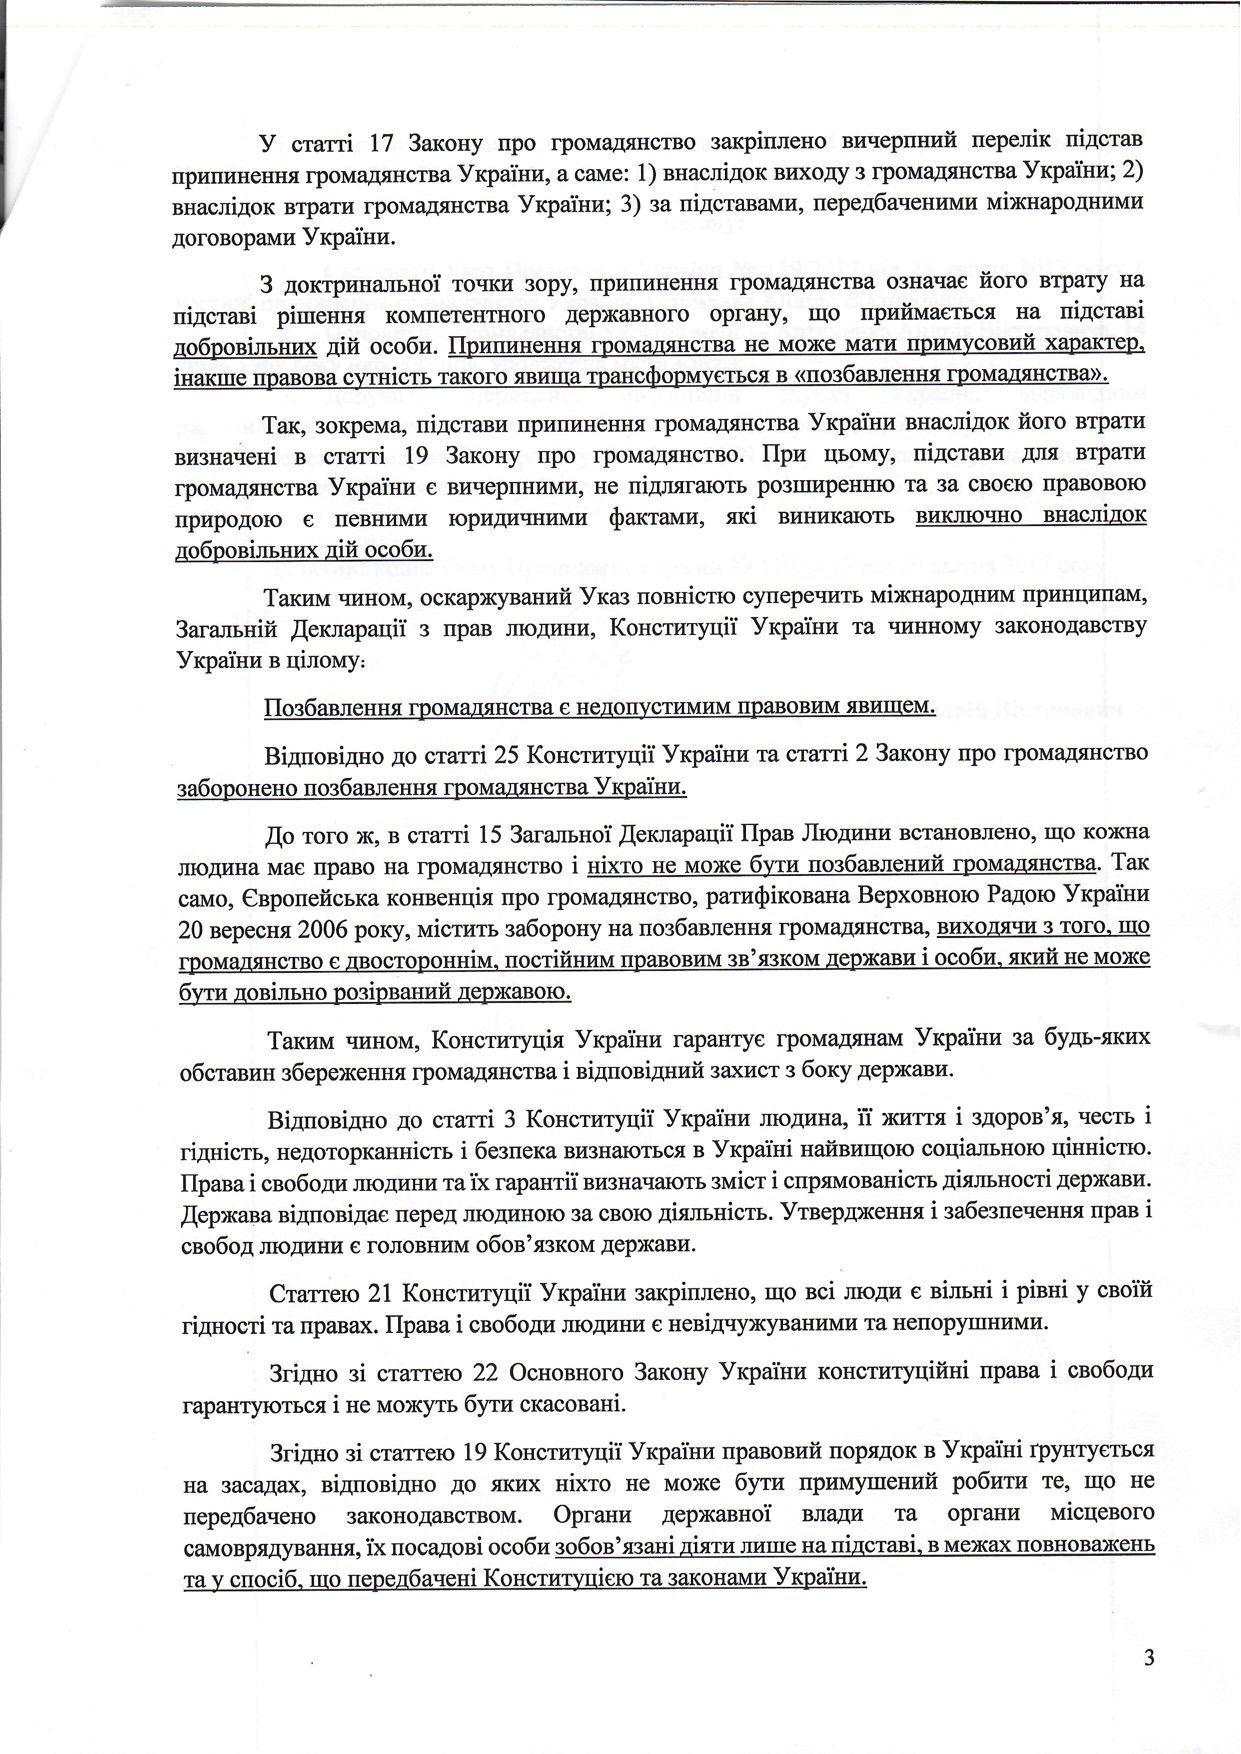 лист Артеменка про громадянство_3